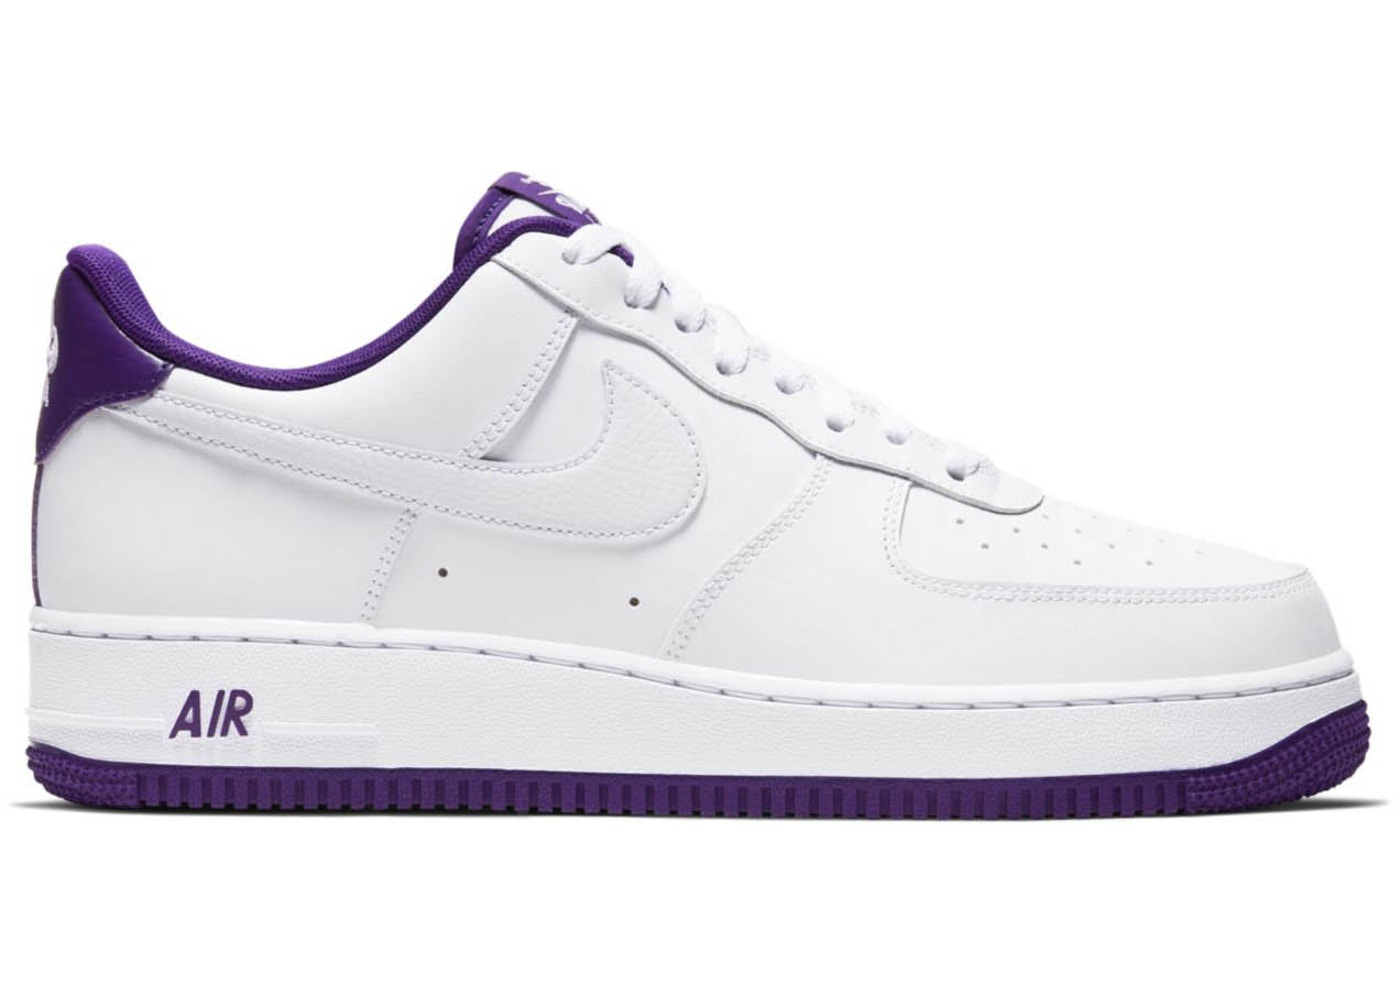 Nike-Air-Force-1-07-Voltage-Purple.jpg